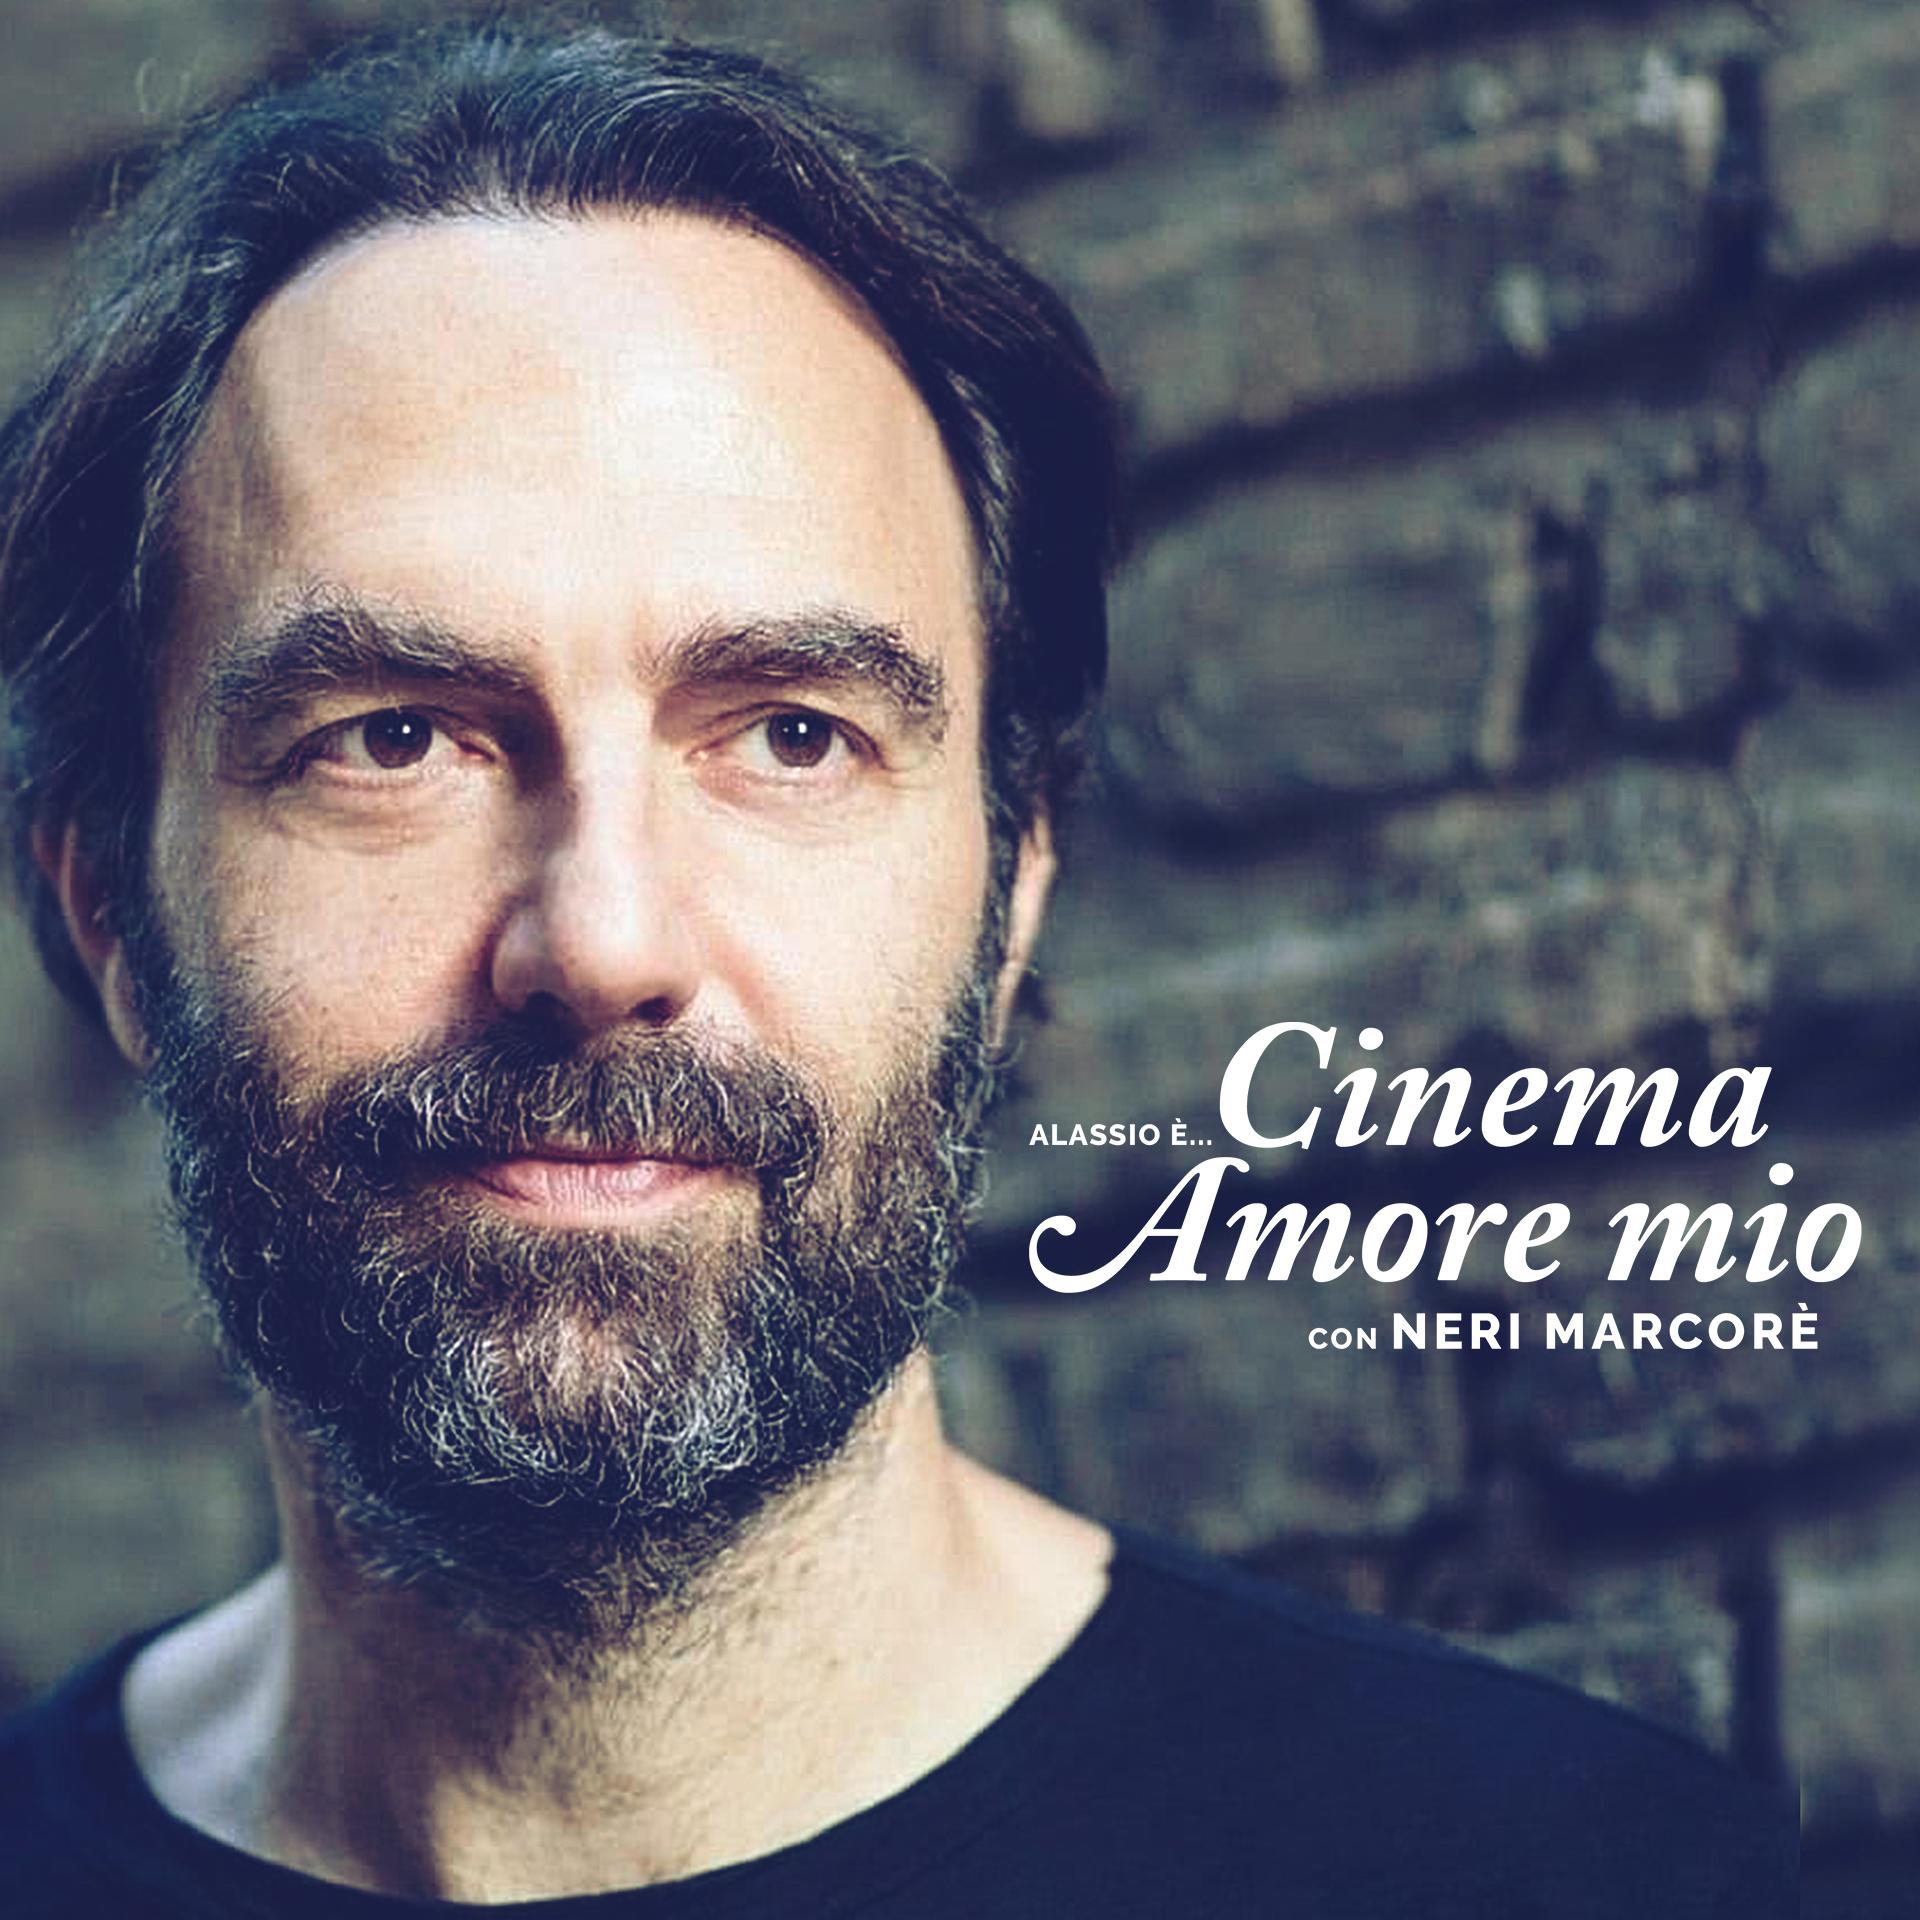 Alassio è... Cinema Amore mio con Neri Marcorè - Sabato 24 luglio ore 21.30 - Piazza Partigiani, Alassio